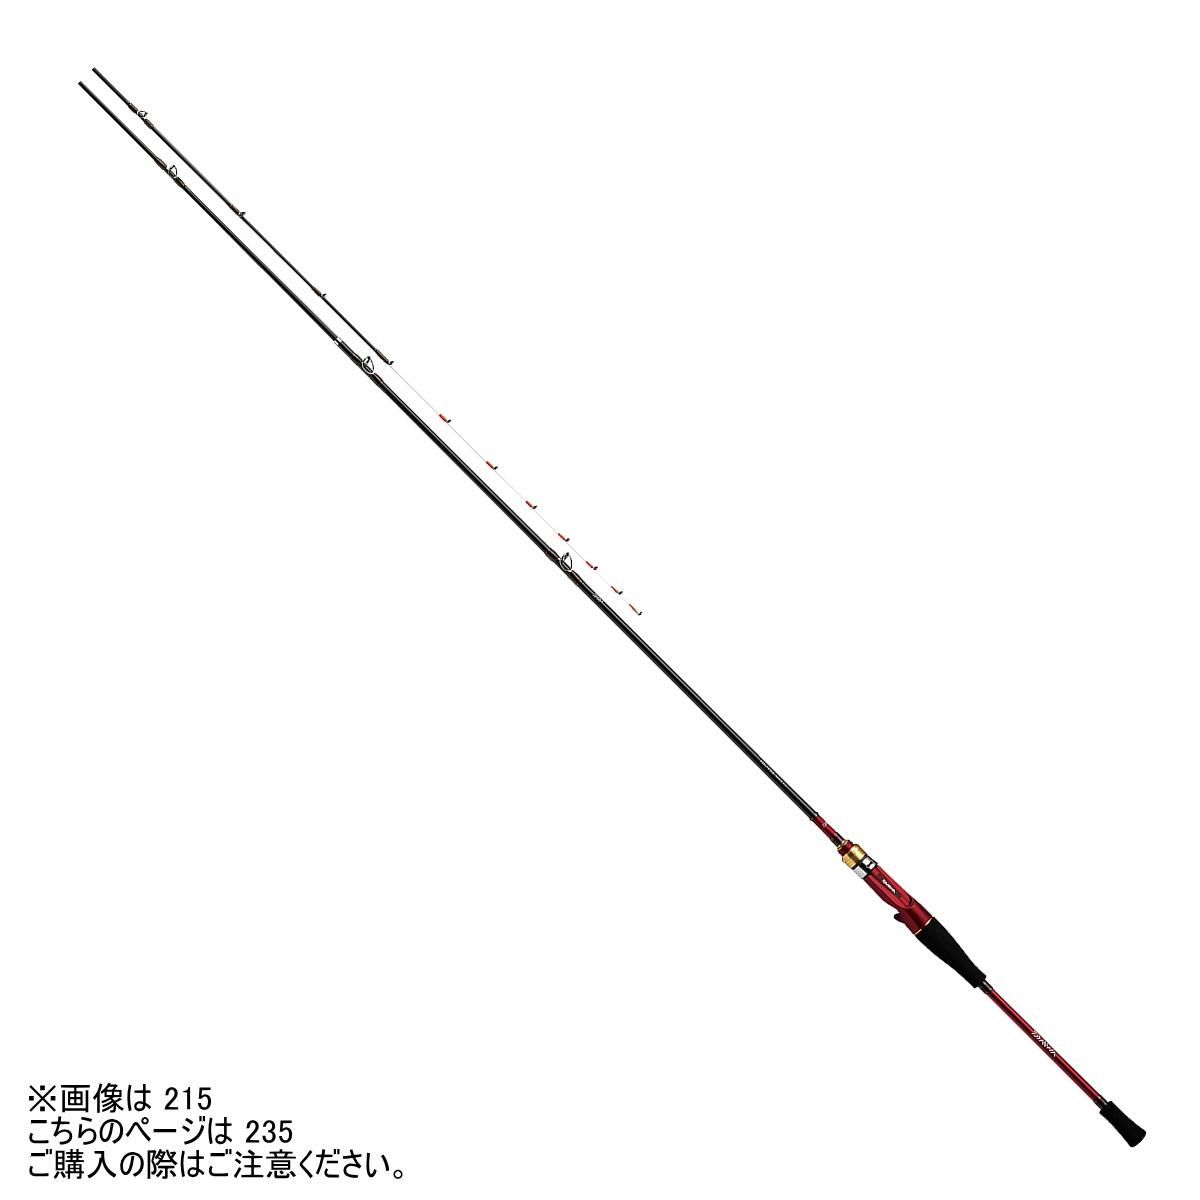 【送料無料5】ダイワ ロッド アナリスター マゴチ 235